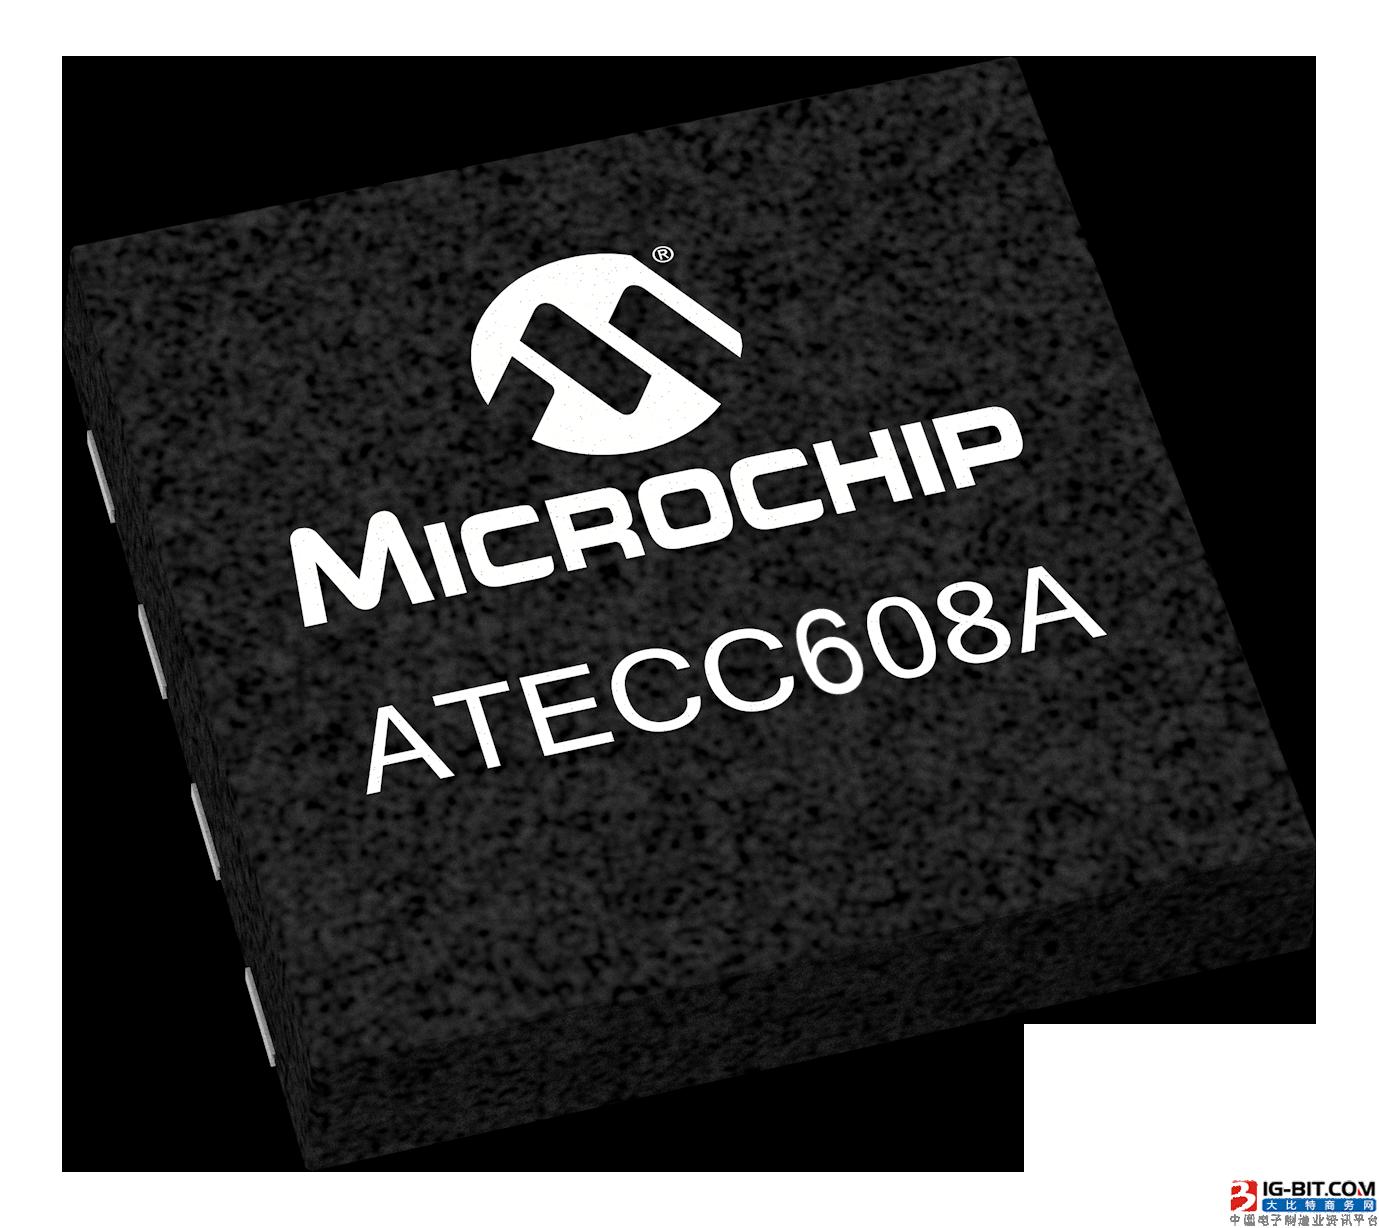 采用Microchip的CryptoAuthentication™新器件,通过安全设计合作伙伴计划,保护IP并部署安全联